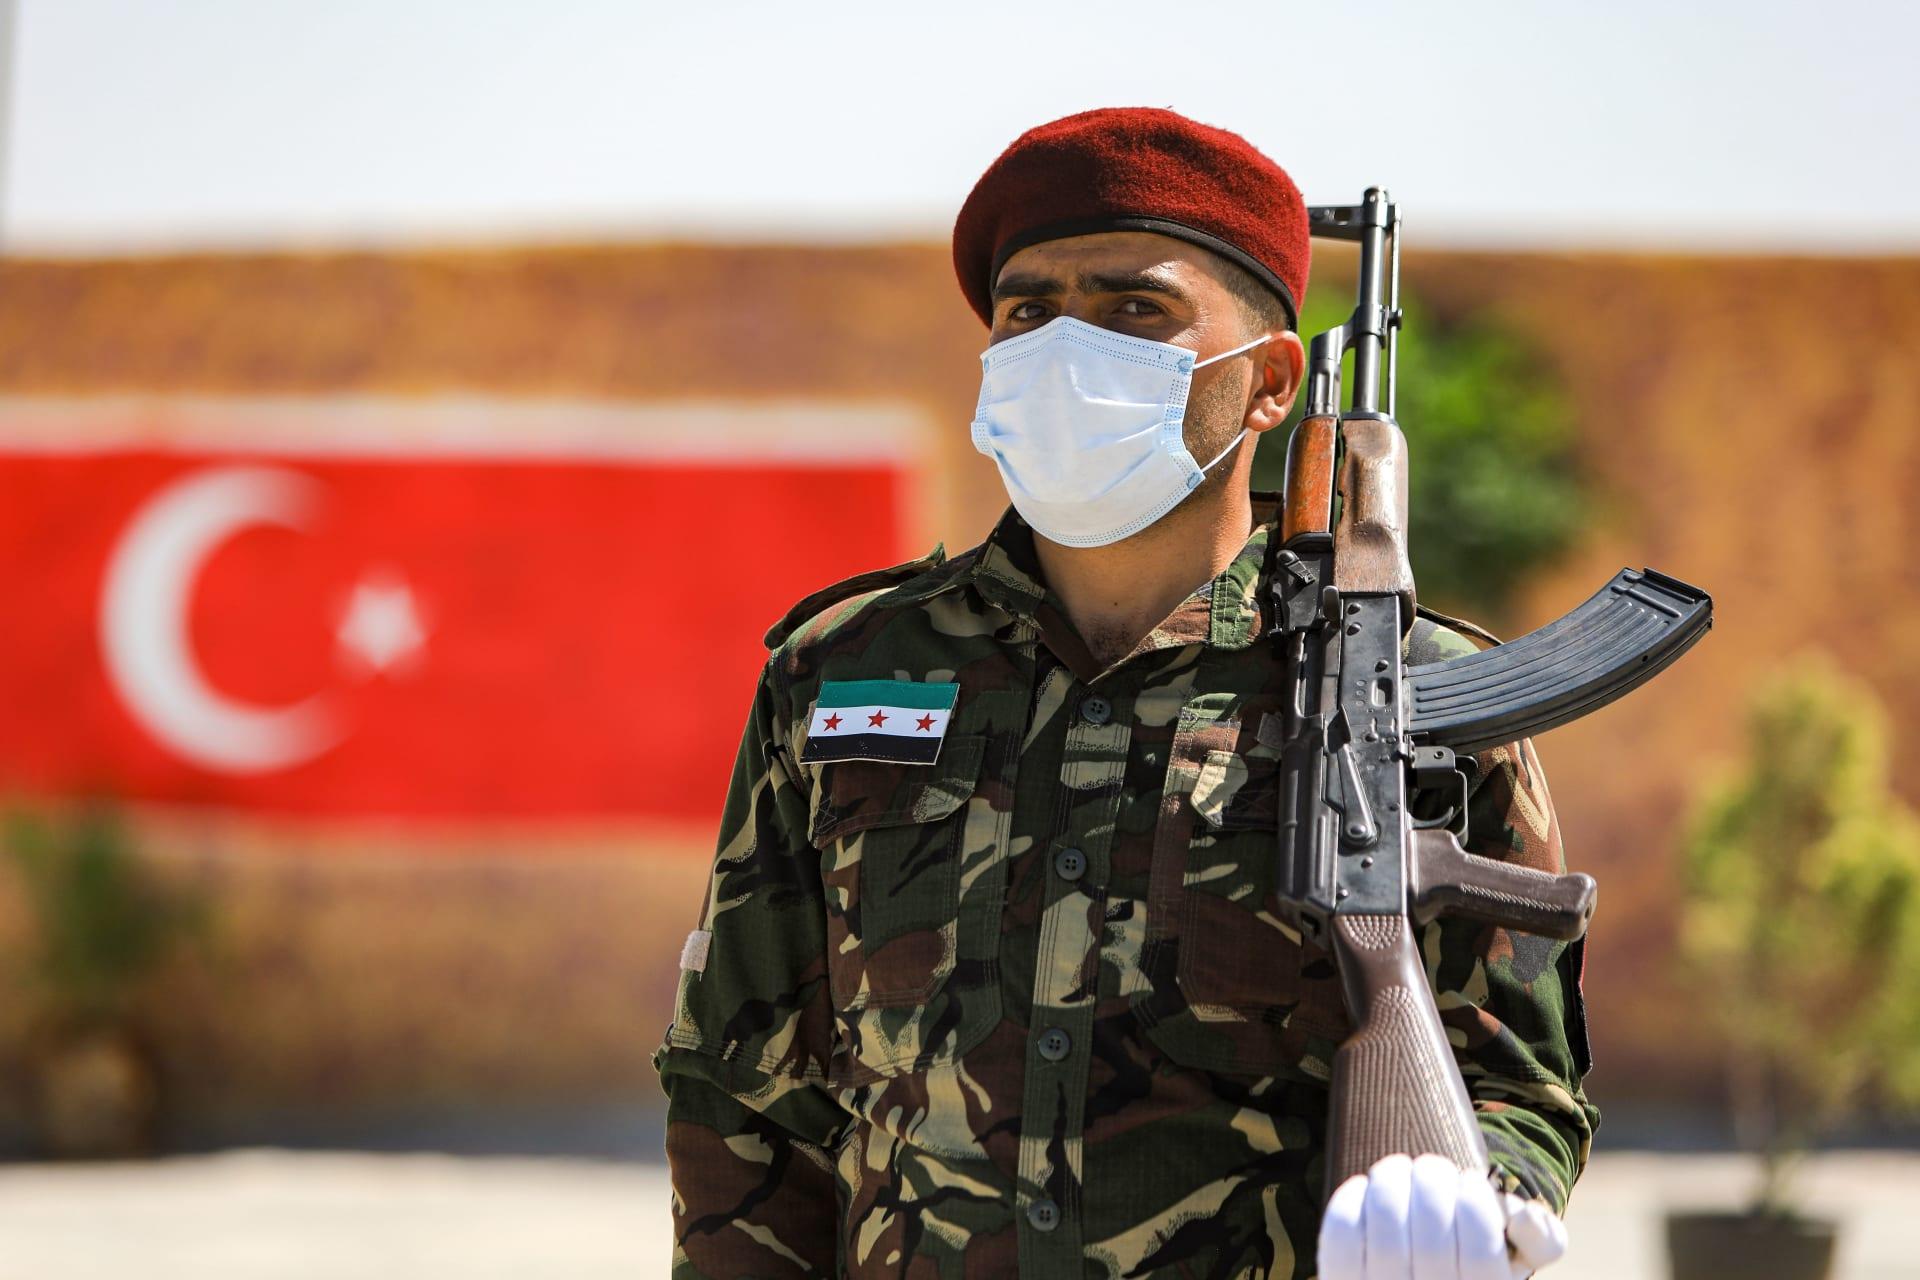 """تركيا ترد على """"اتهامات"""" مصر بشأن سوريا: لسنا هناك لحماية أمننا القومي فقط"""